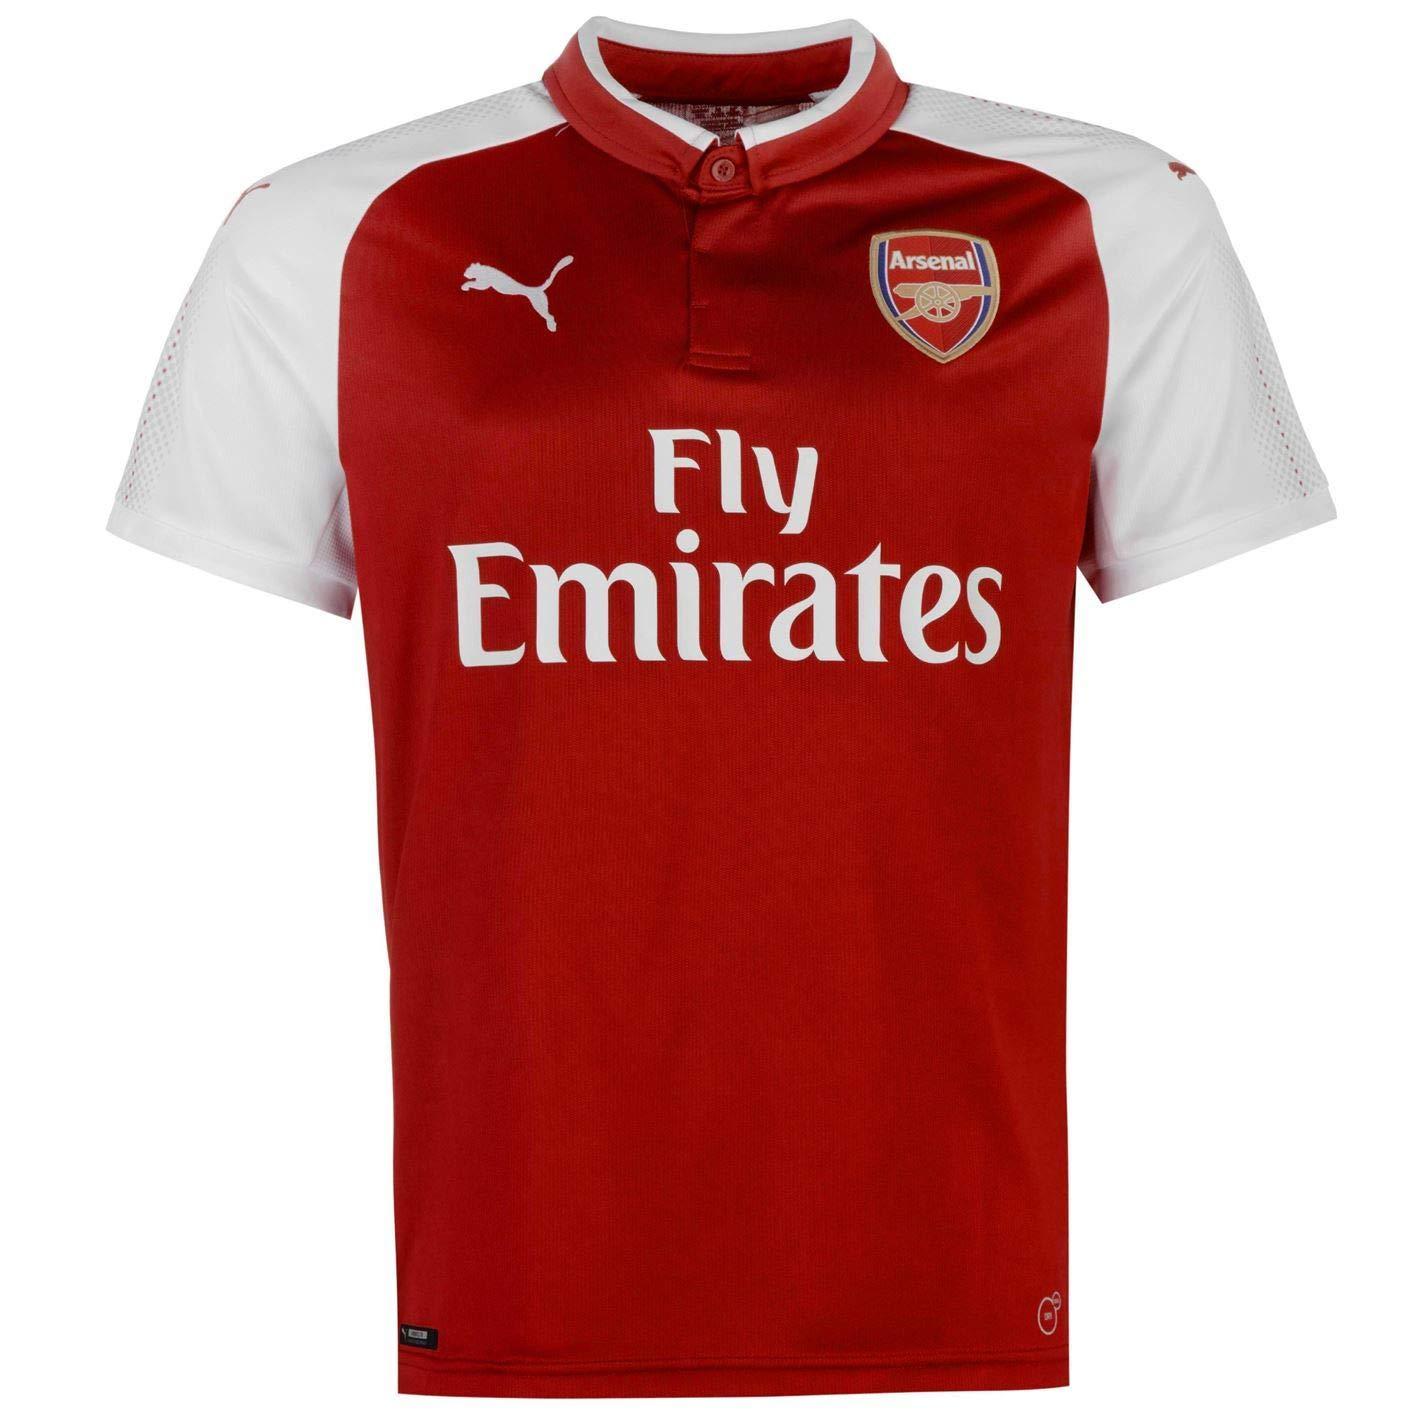 Offizielles Puma Arsenal Home Trikot 2017 2018 Herren Rot Weiß Fußball-Fan Shirt Top